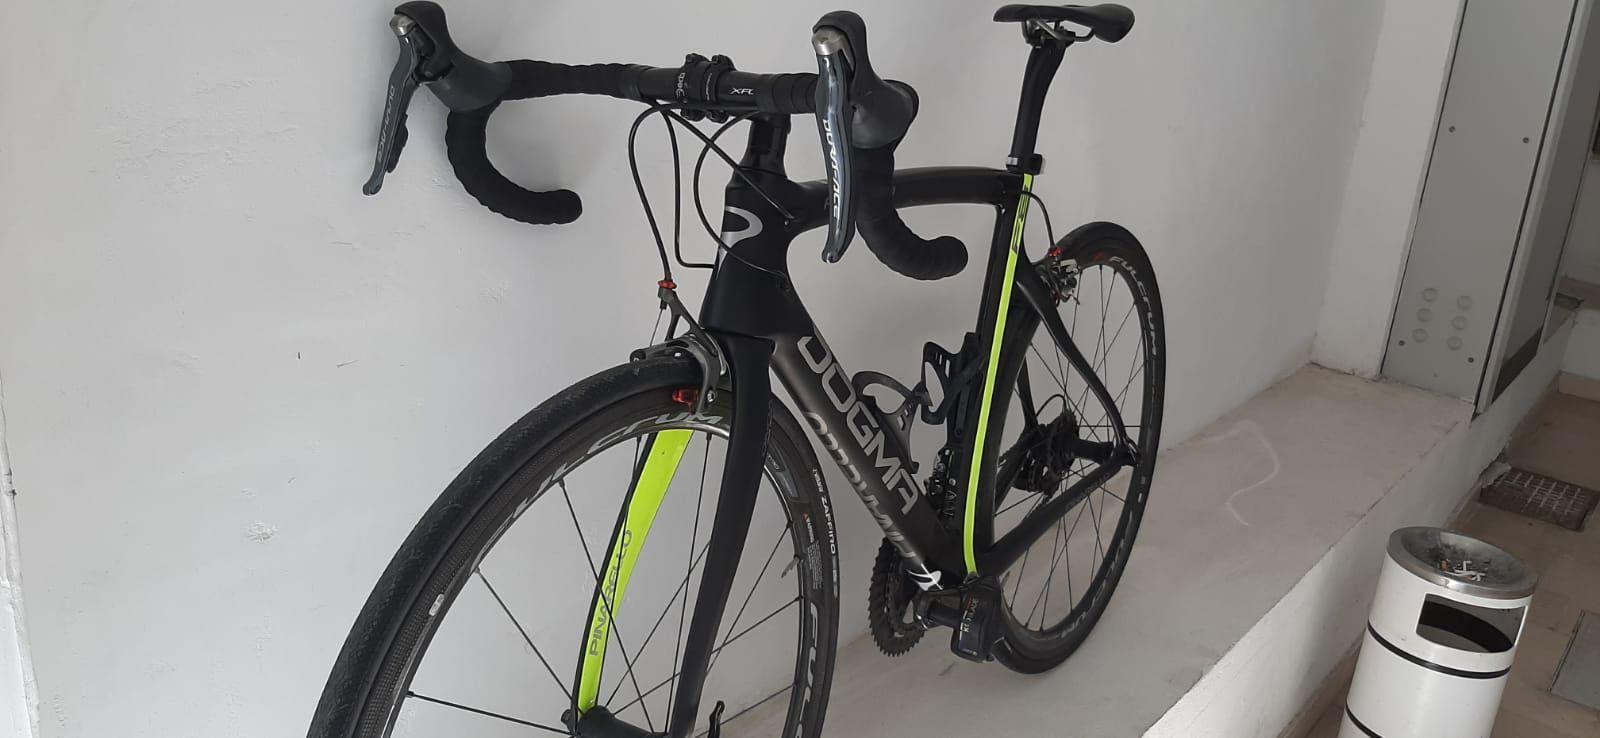 Bicicletta corsa pinarello